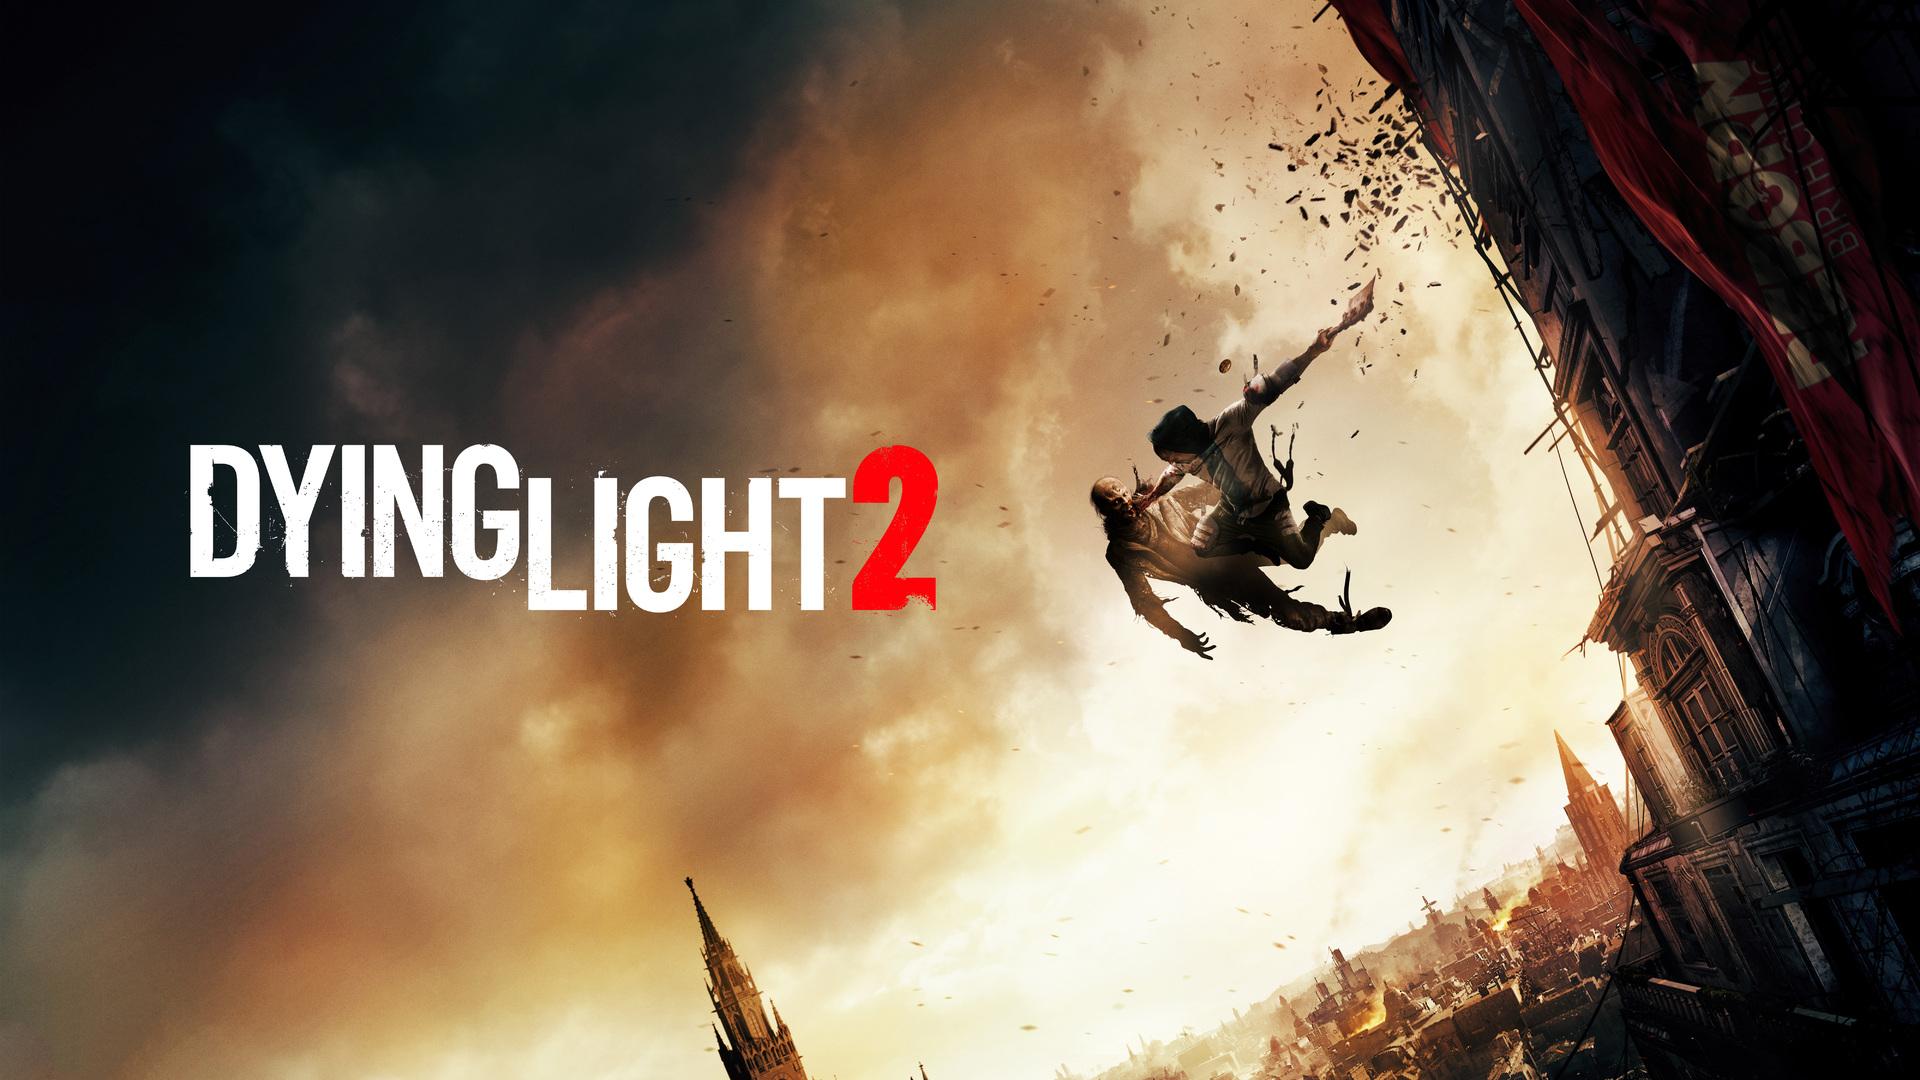 dying light 2 8k nm